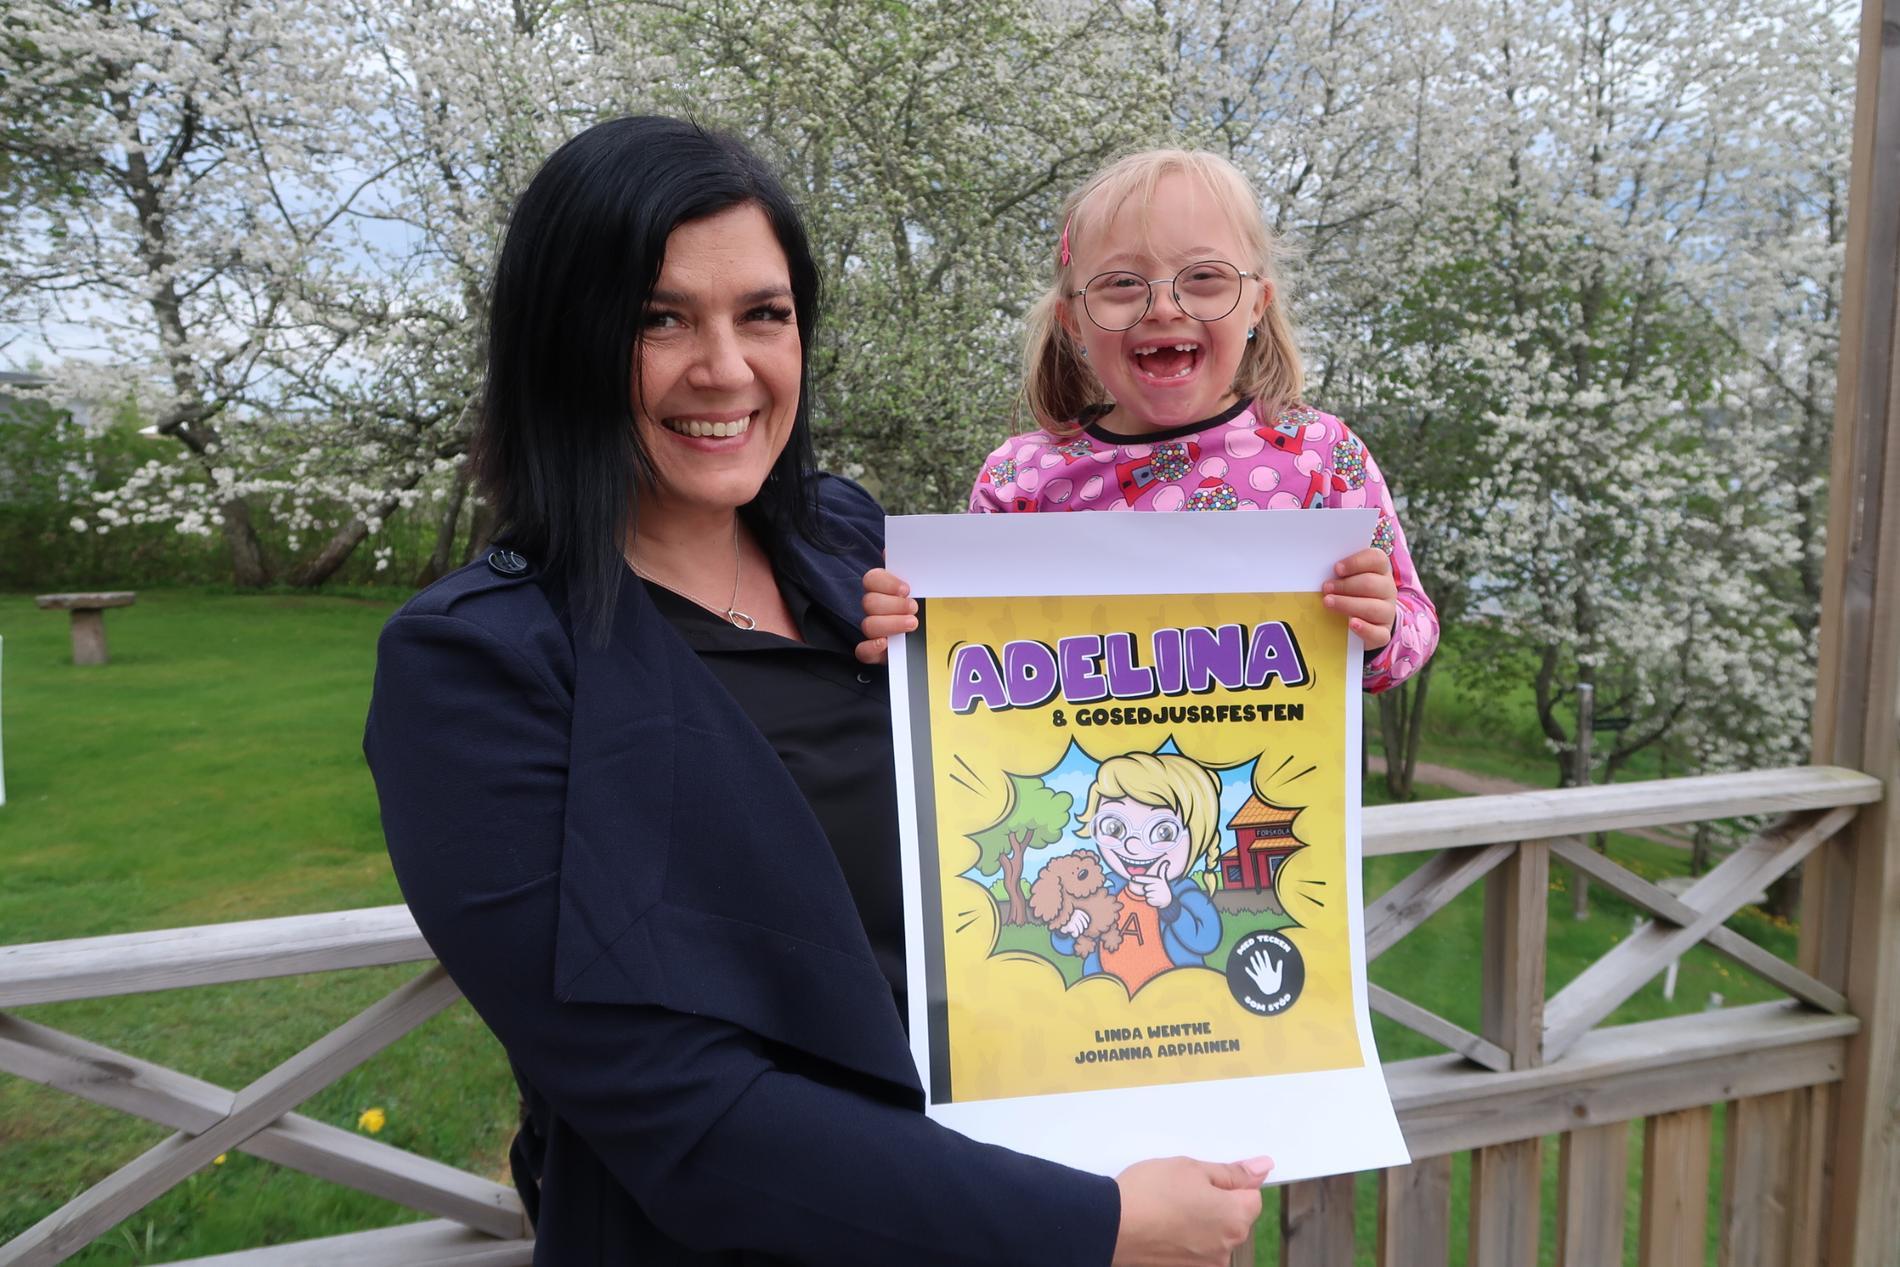 Linda och Adelina har släppt en bok som är inspirerad av Adelina.